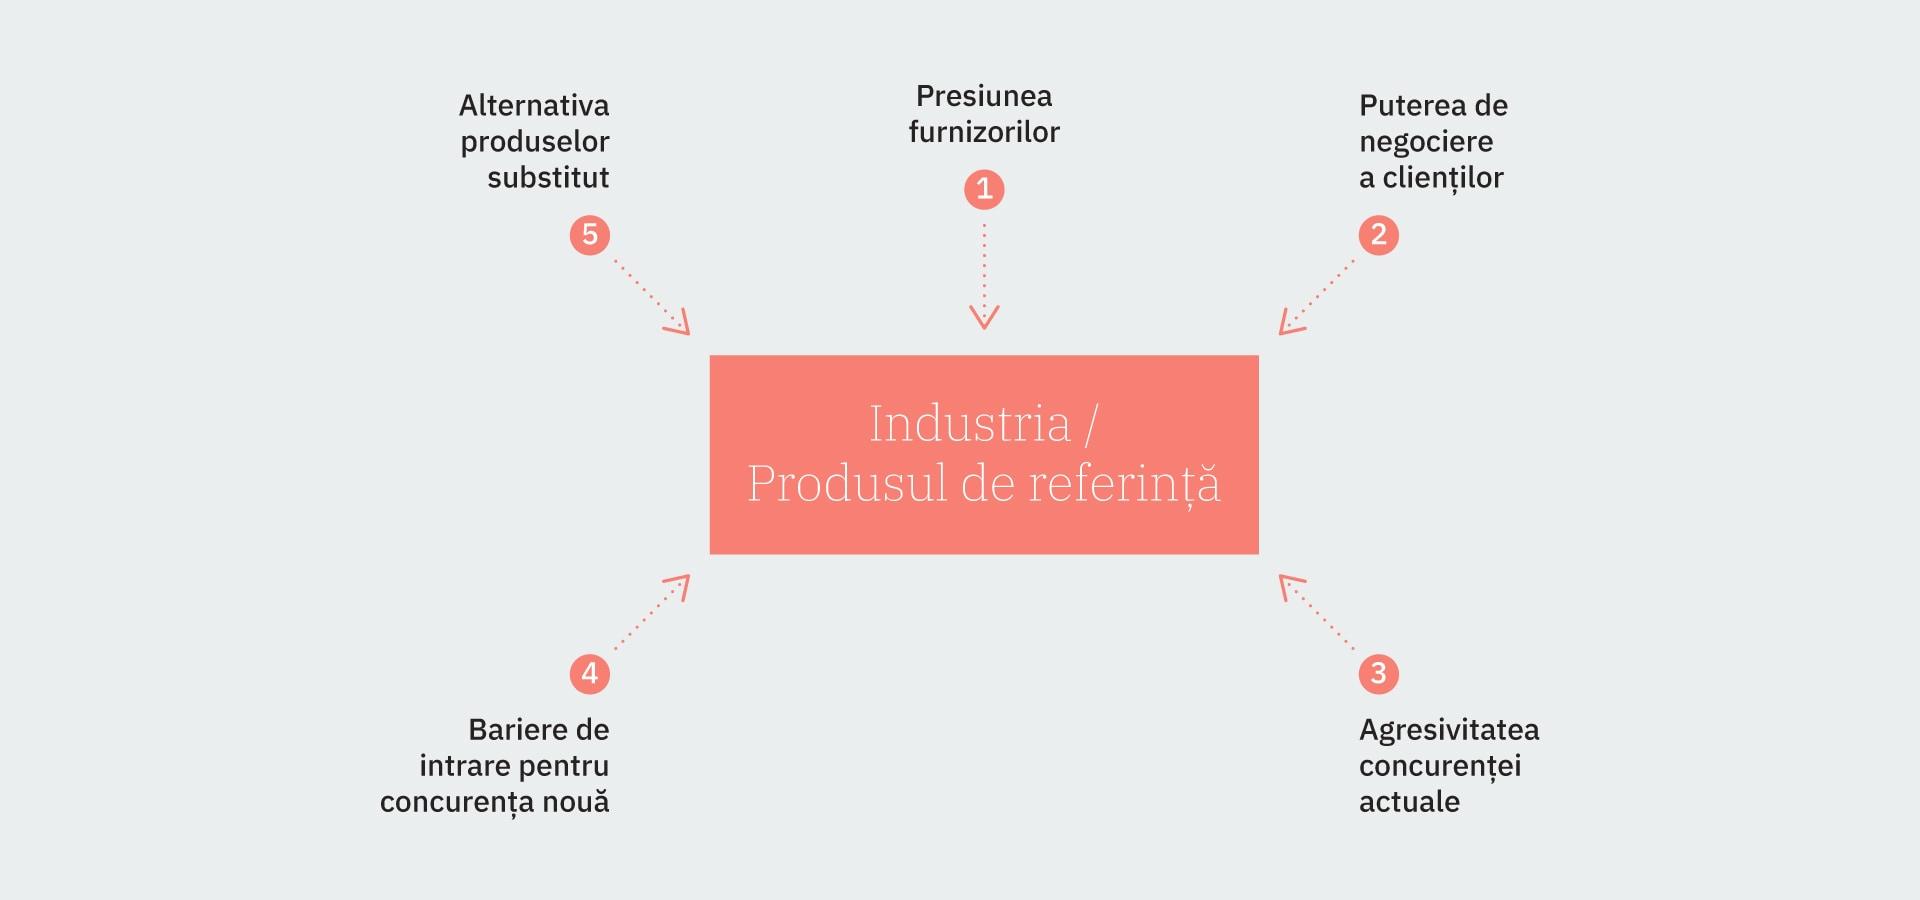 Profitabilitatea medie obținută într-o anumită industrie, influențată de forțele: presiunea furnizorilor, puterea de negocierea a clienților, agresivitatea concurenței existente, barierele de intrare pentru concurența nouă, alternativa produselor substitut..